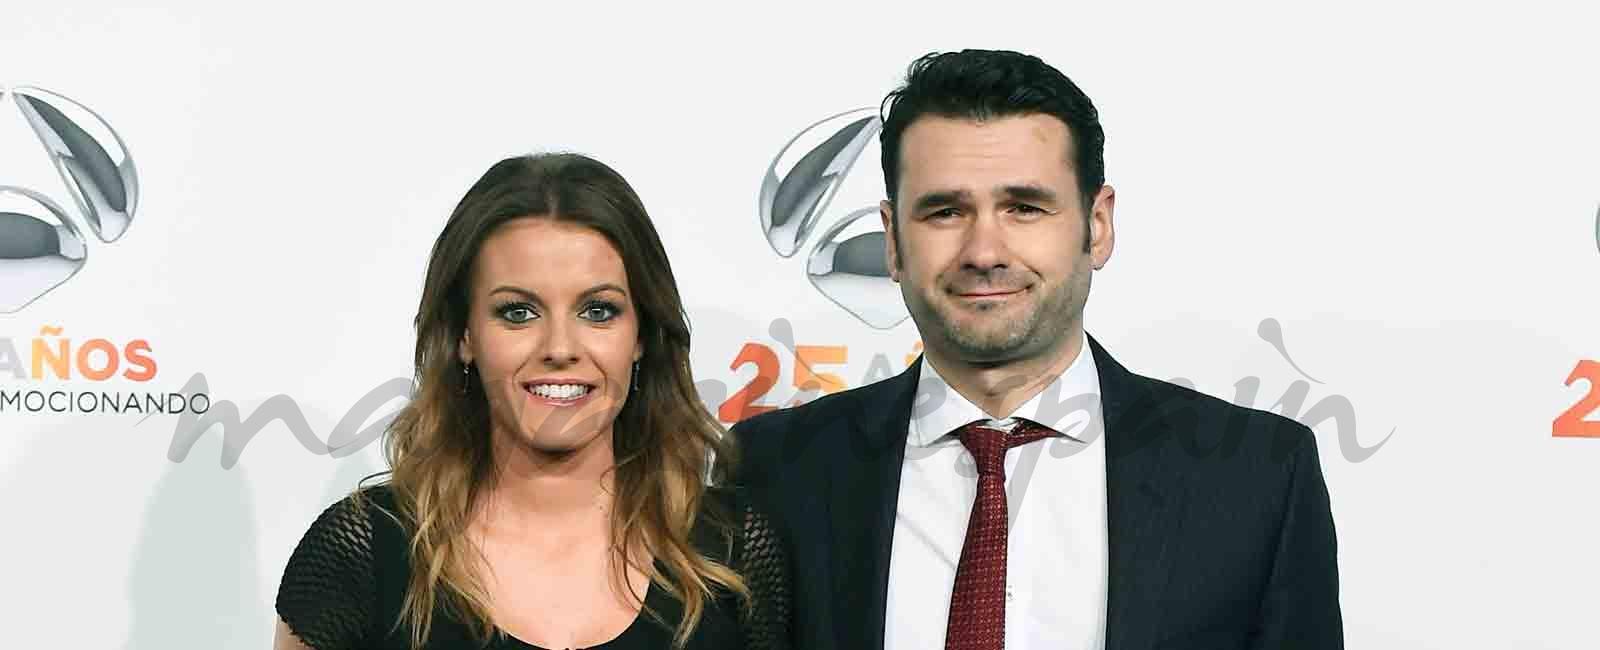 Iñaki López y Andrea Ropero serán padres